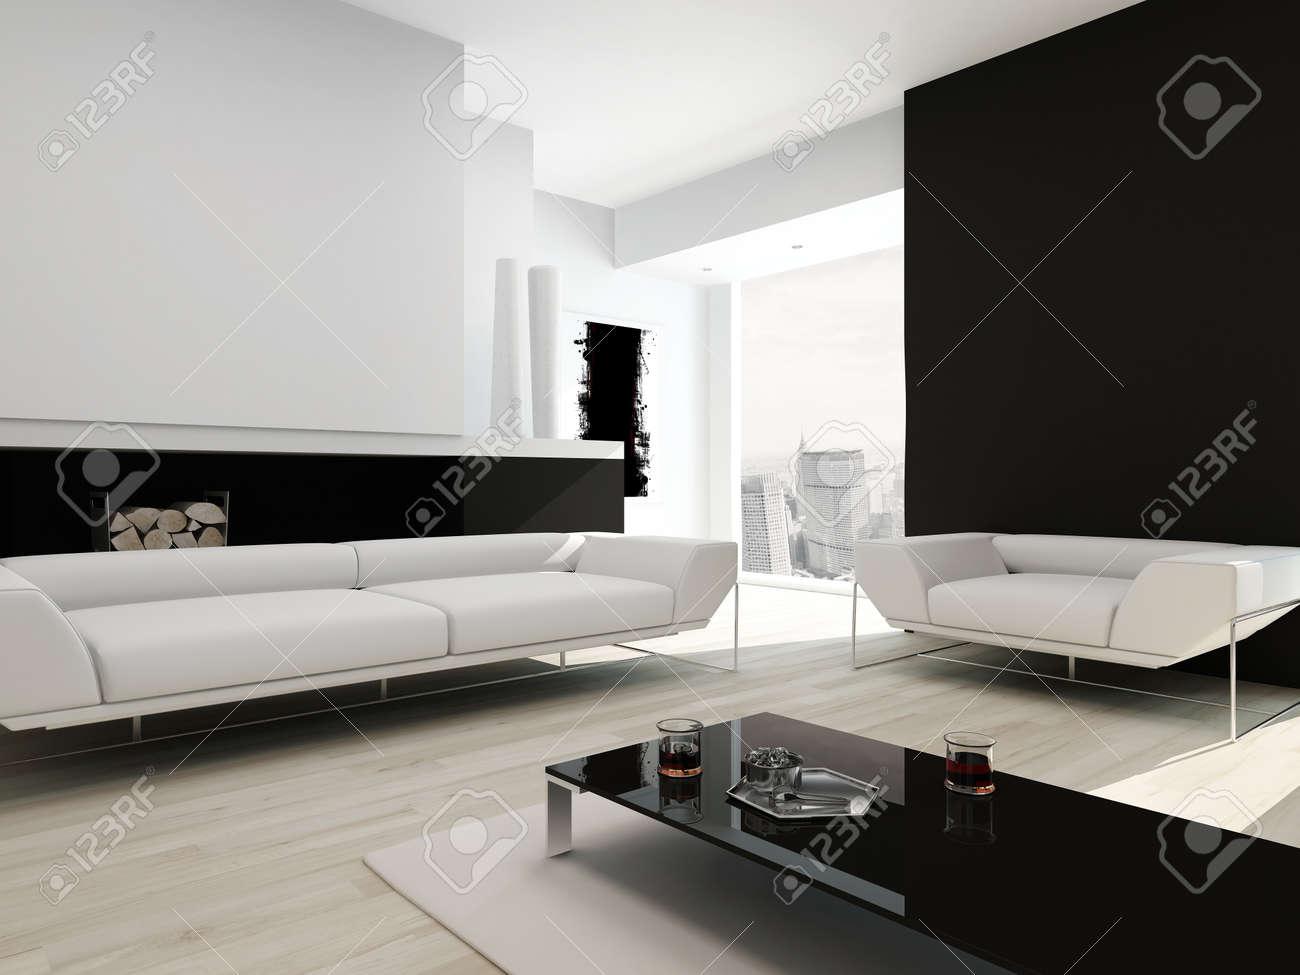 Moderne intérieur contemporain salon noir et blanc banque d'images ...